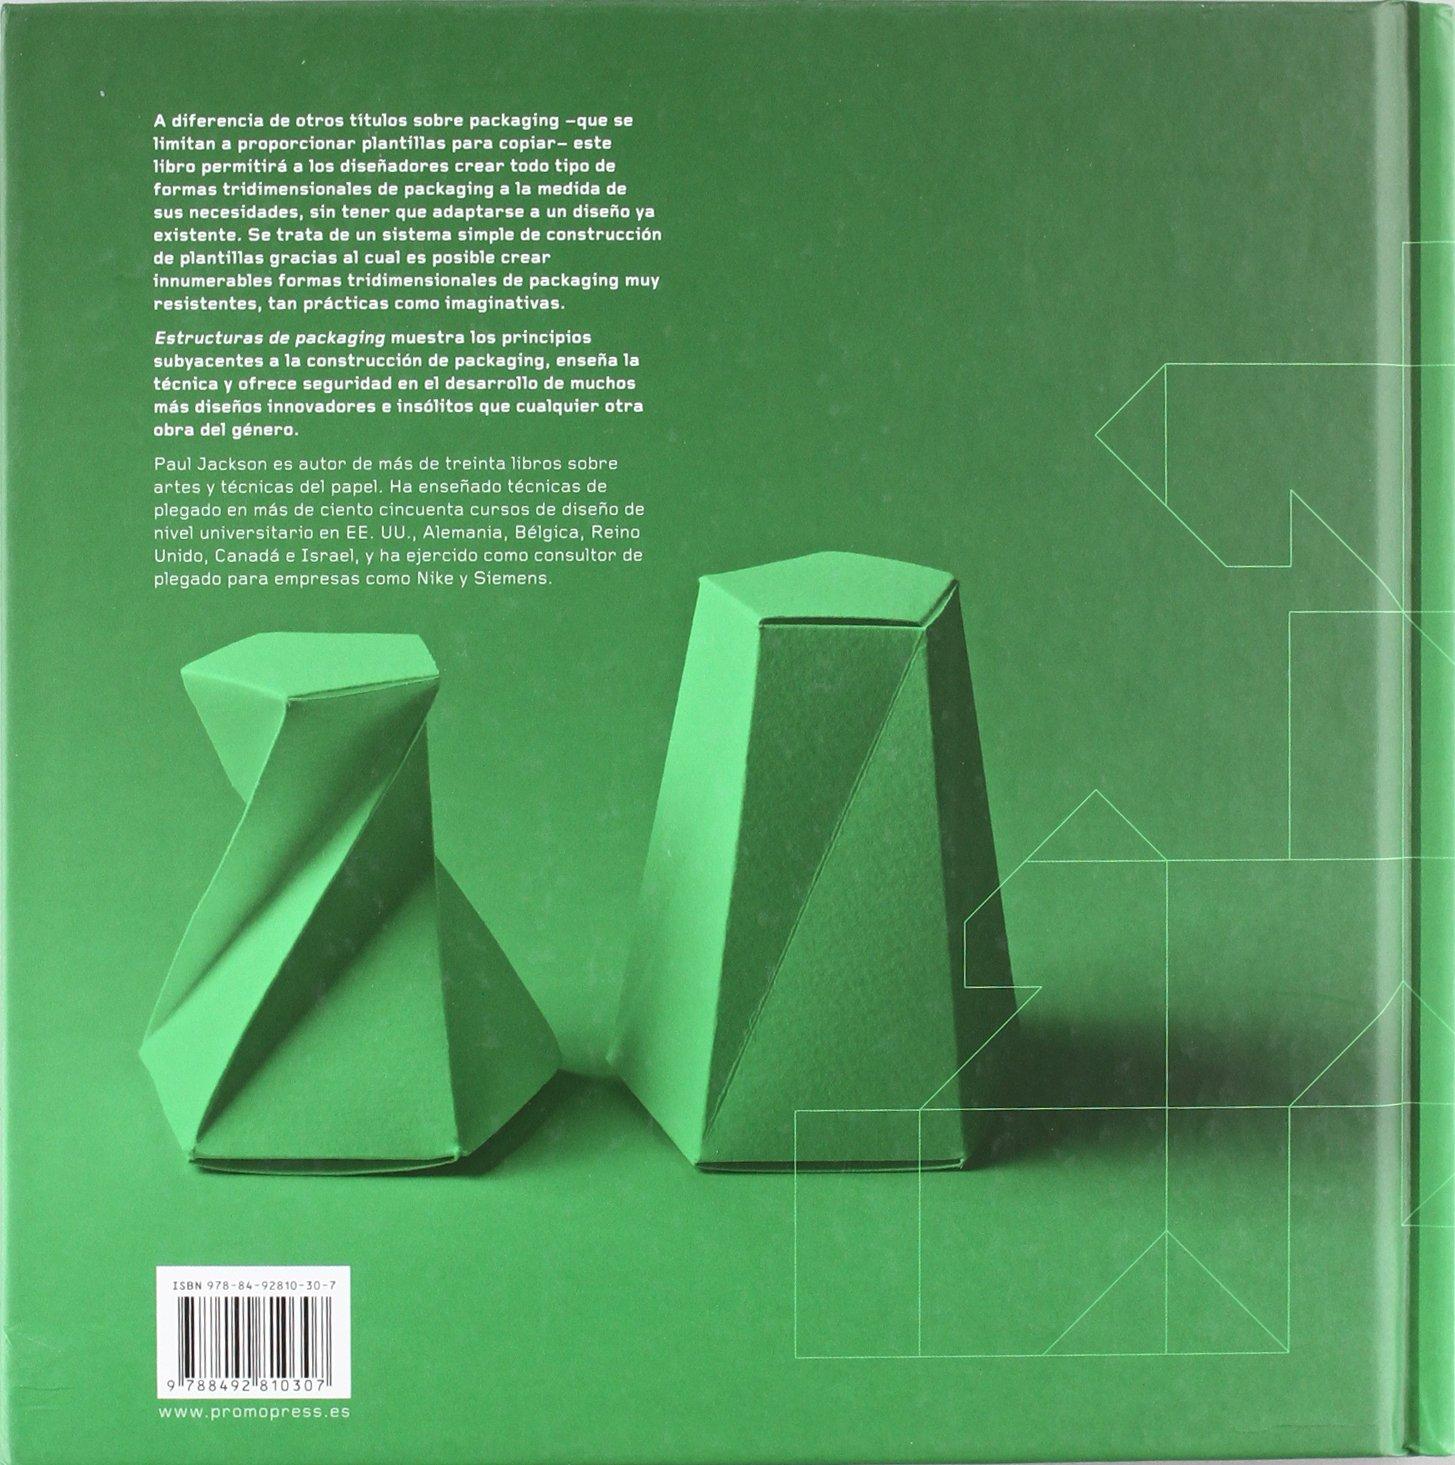 Estructuras De Packaging - Diseño De Cajas Y Formas Tridimensionales: Amazon.es: Paul Jackson: Libros